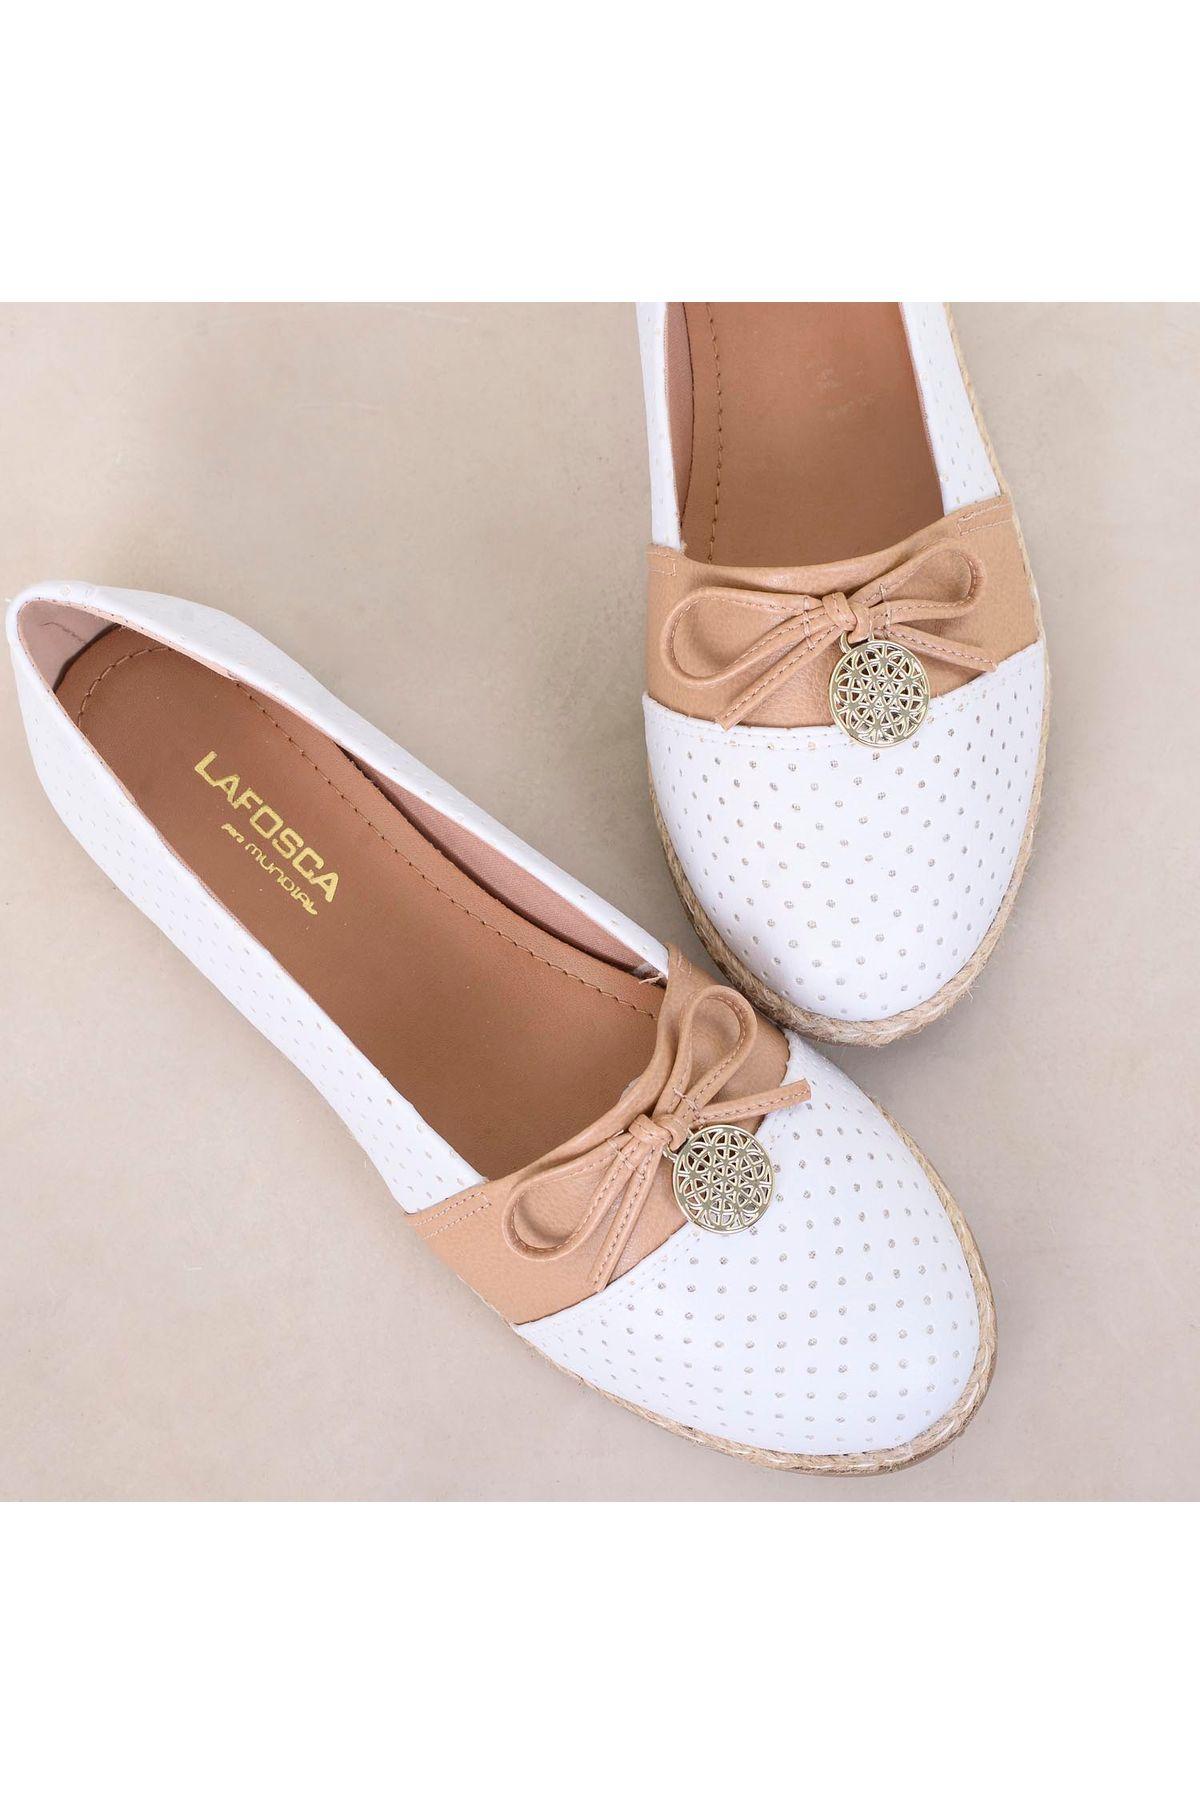 7f4367362 Sapatilha Feminina Lafosca Anielly | Mundial Calçados - Mundial Calçados